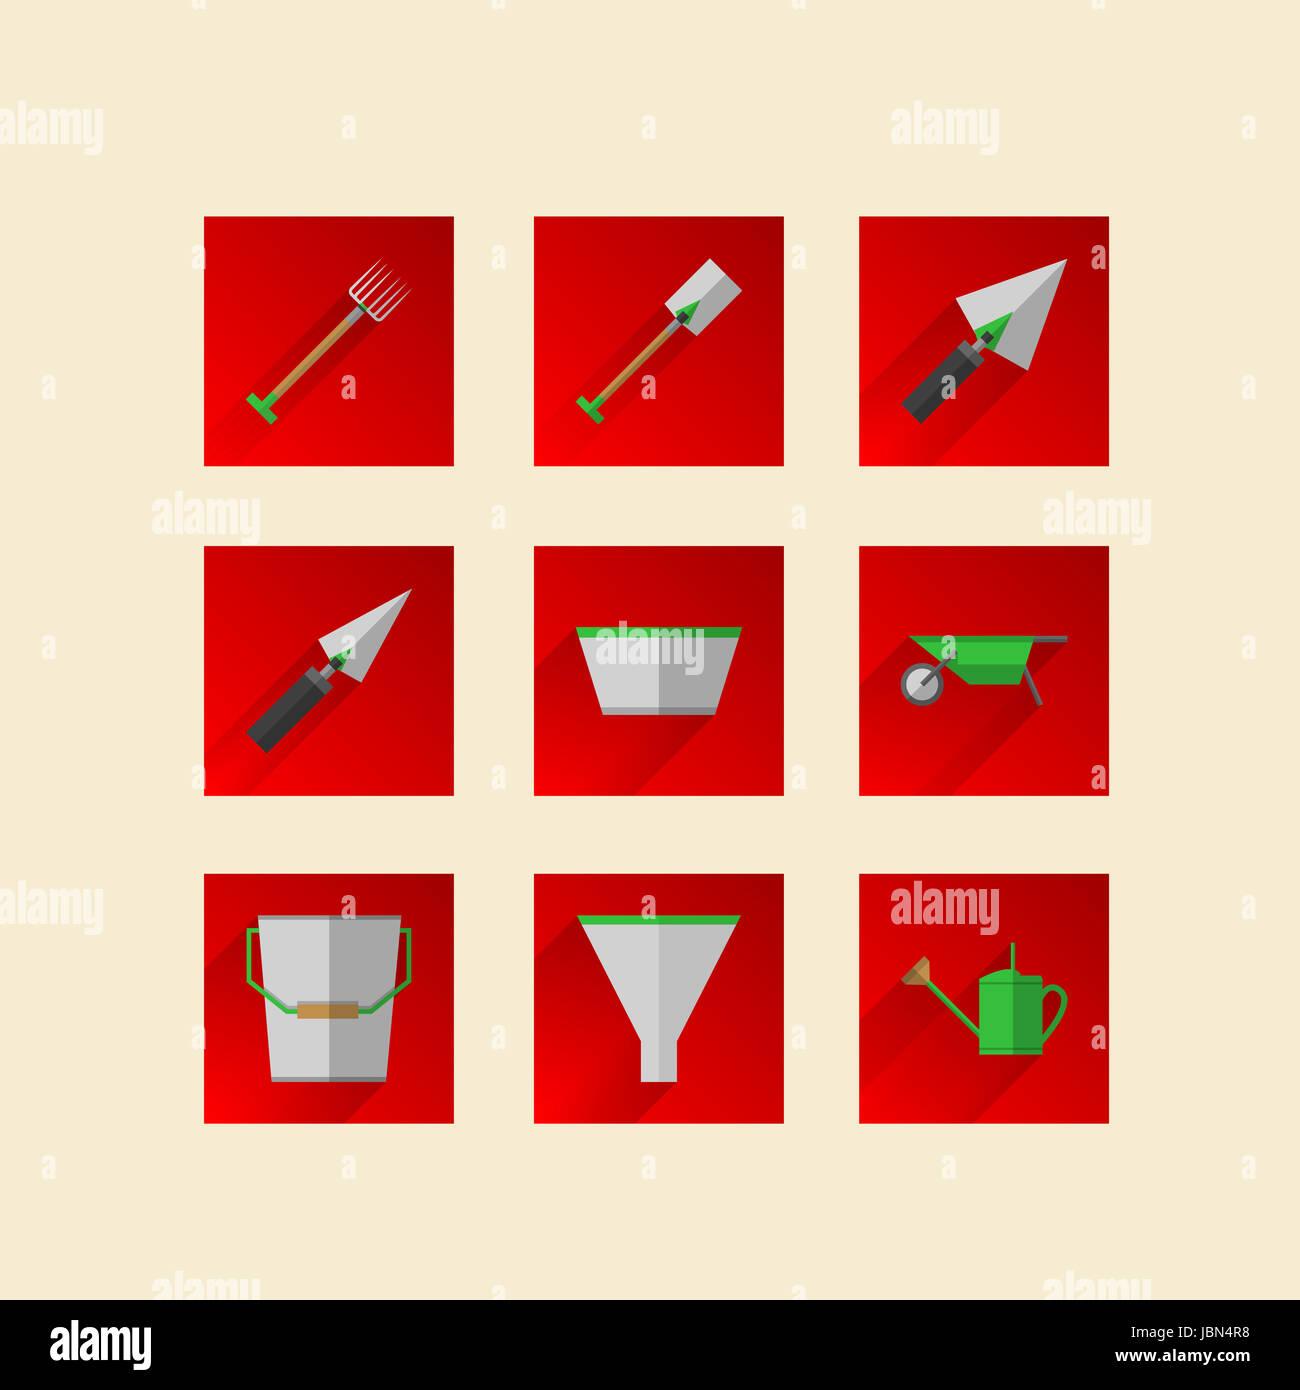 Les Outils De Jardinage Avec Photos square des icônes rouges pour outils de jardinage avec des